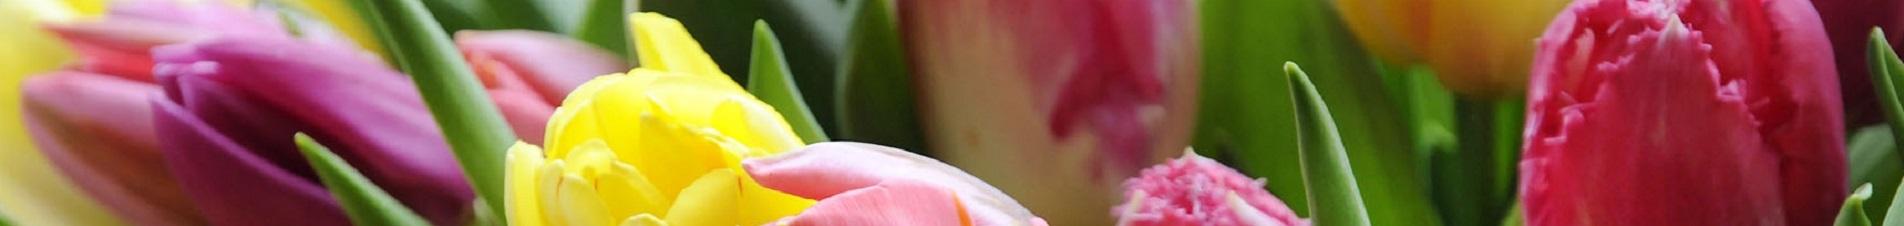 bloemen versturen naar  tulpen